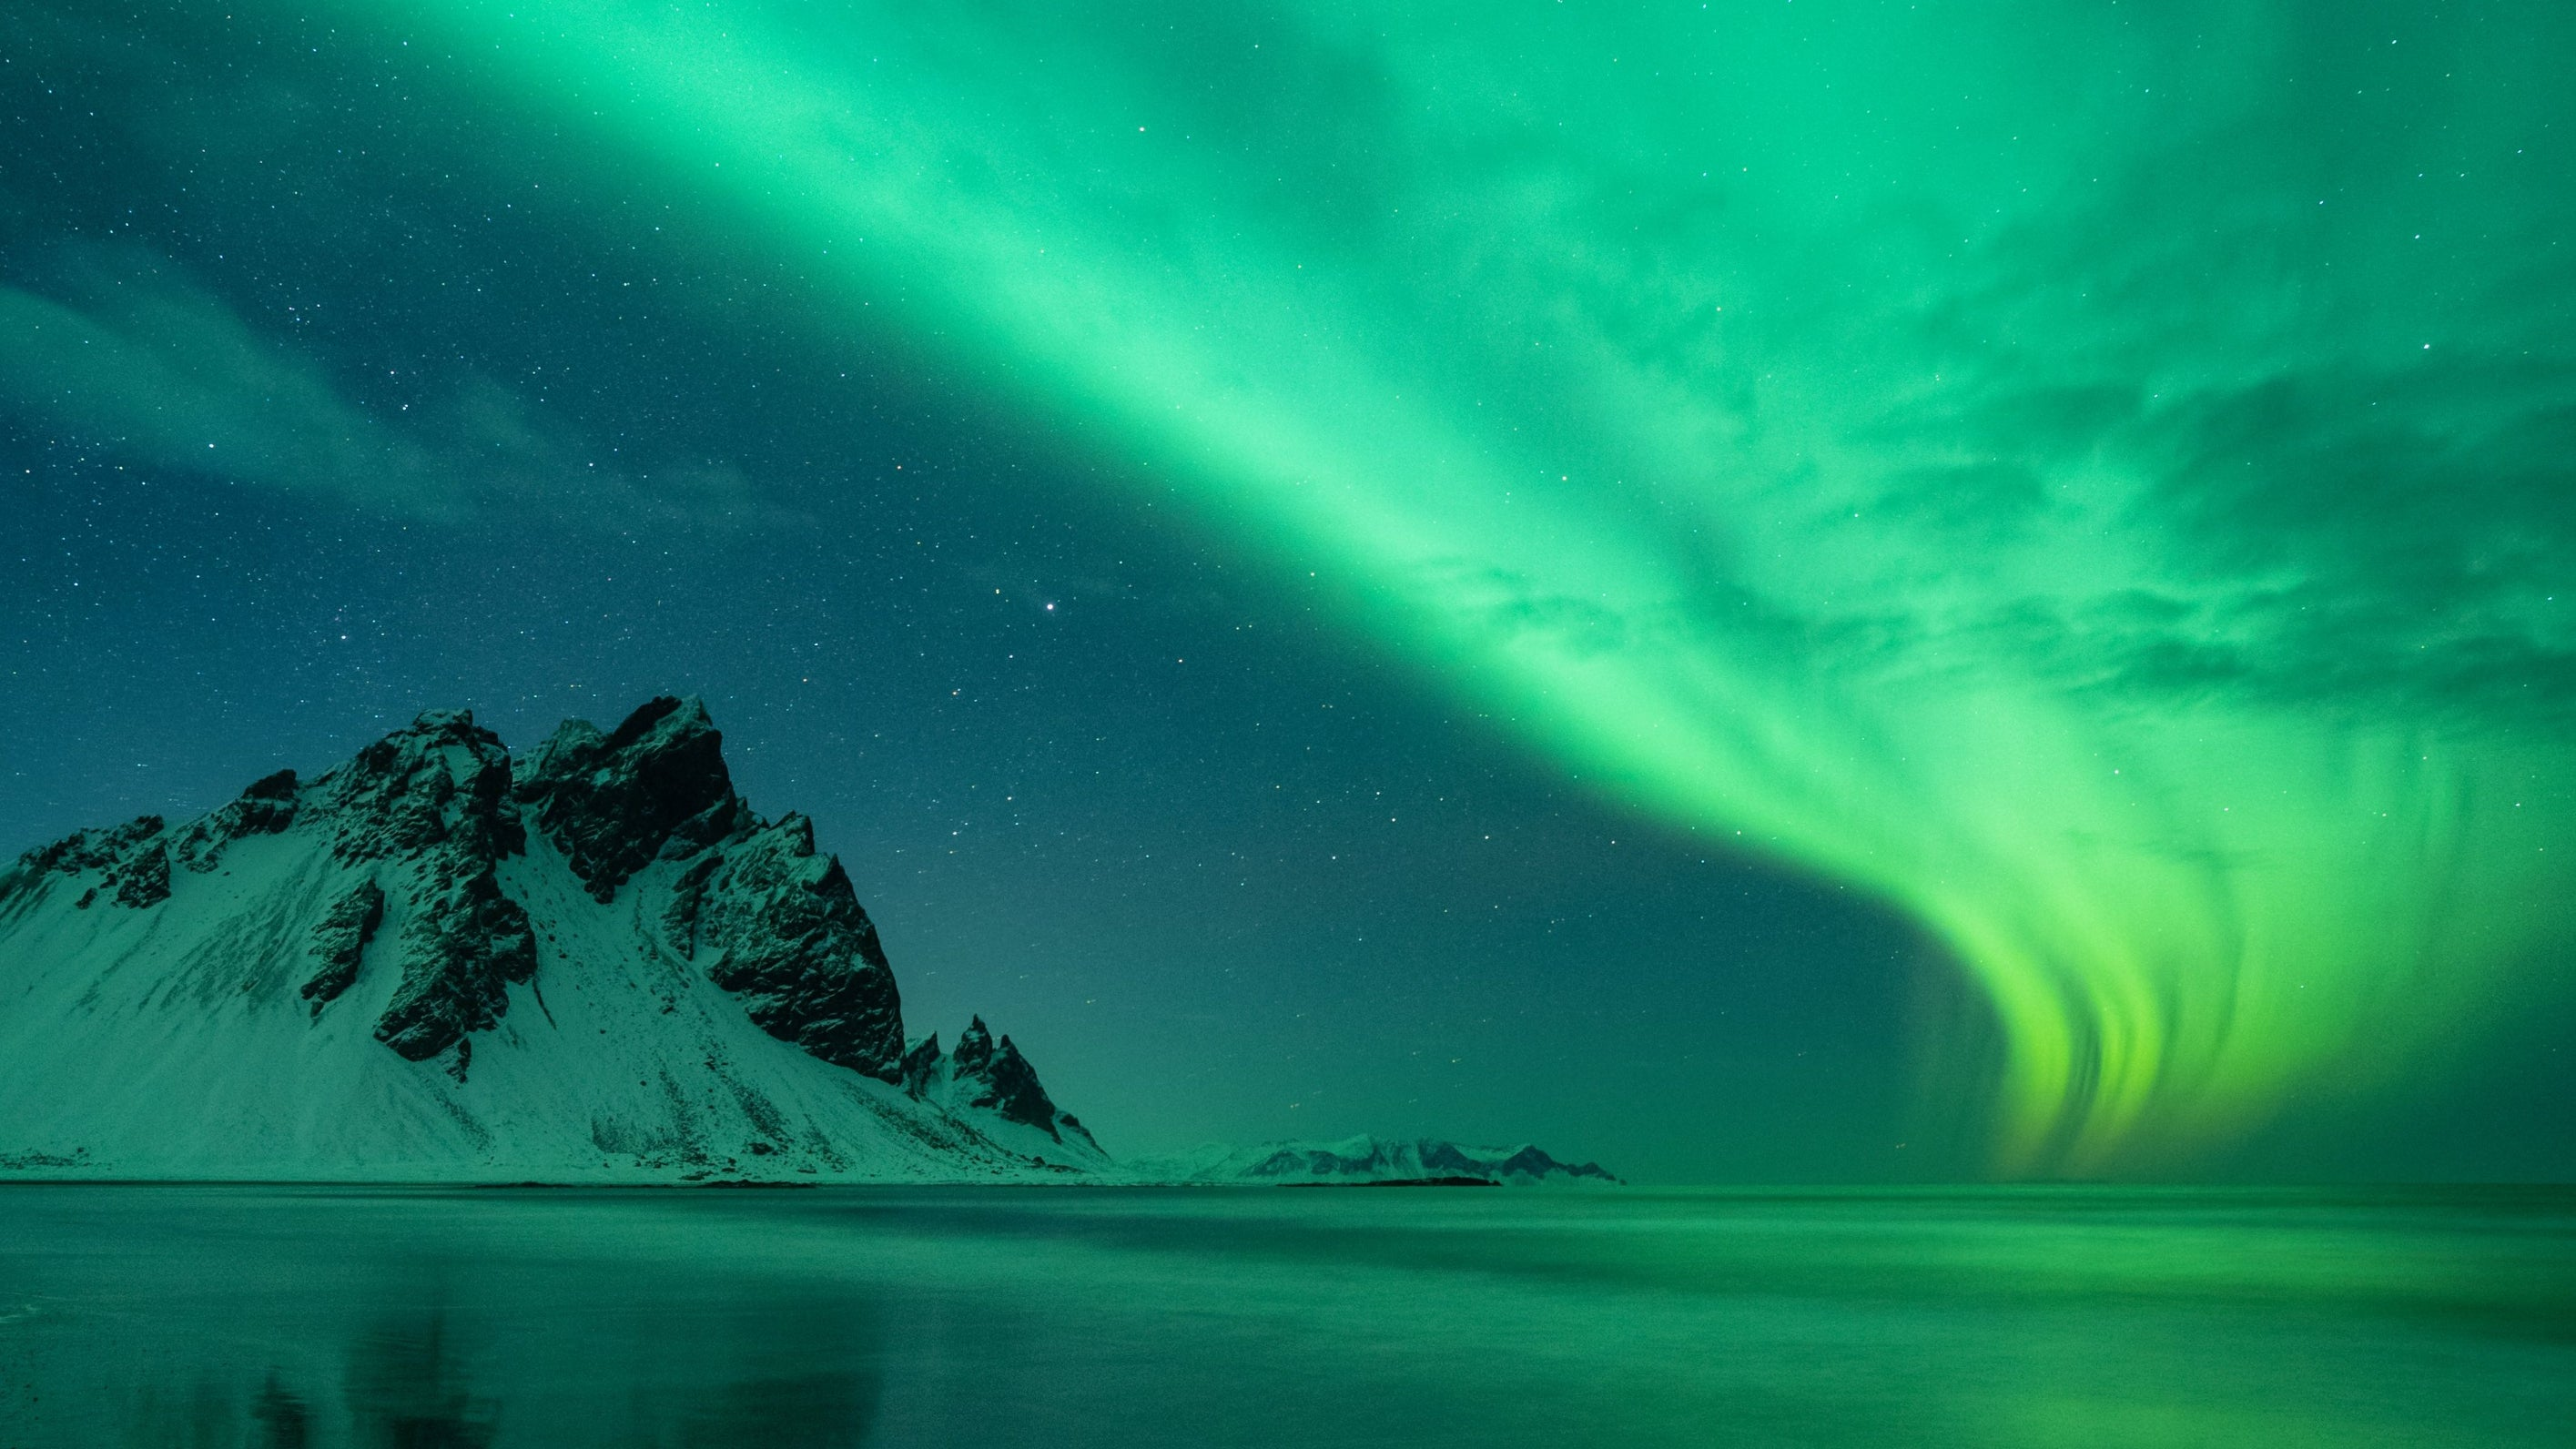 Weltraumorganisation zeigt Bild von Polarlichtern über Island